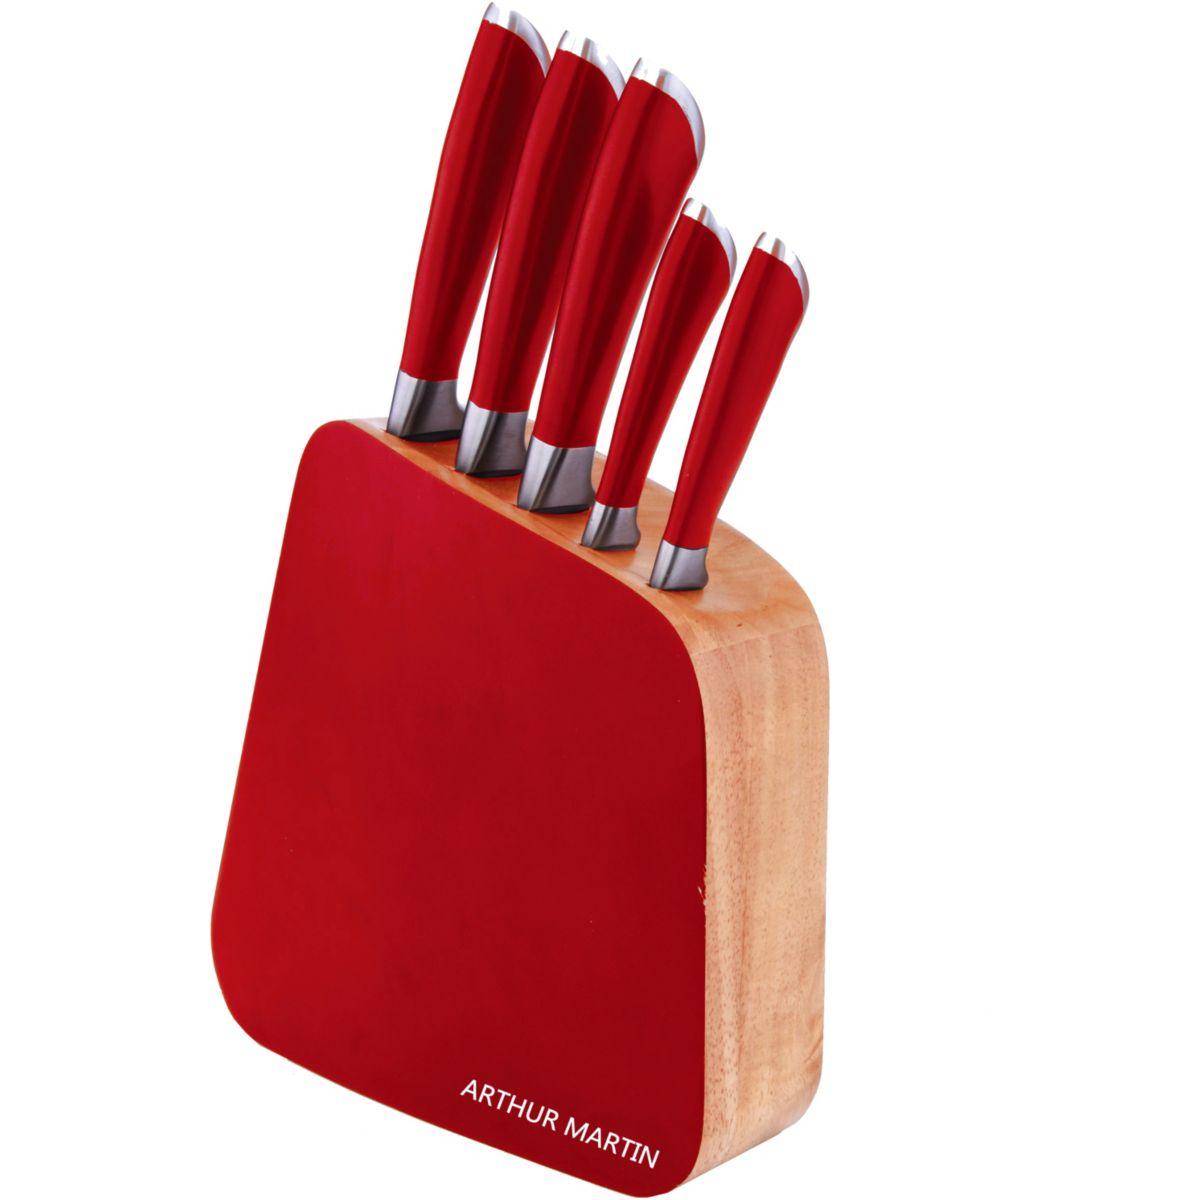 Bloc couteaux ARTHUR MARTIN rouge + 5 co (photo)